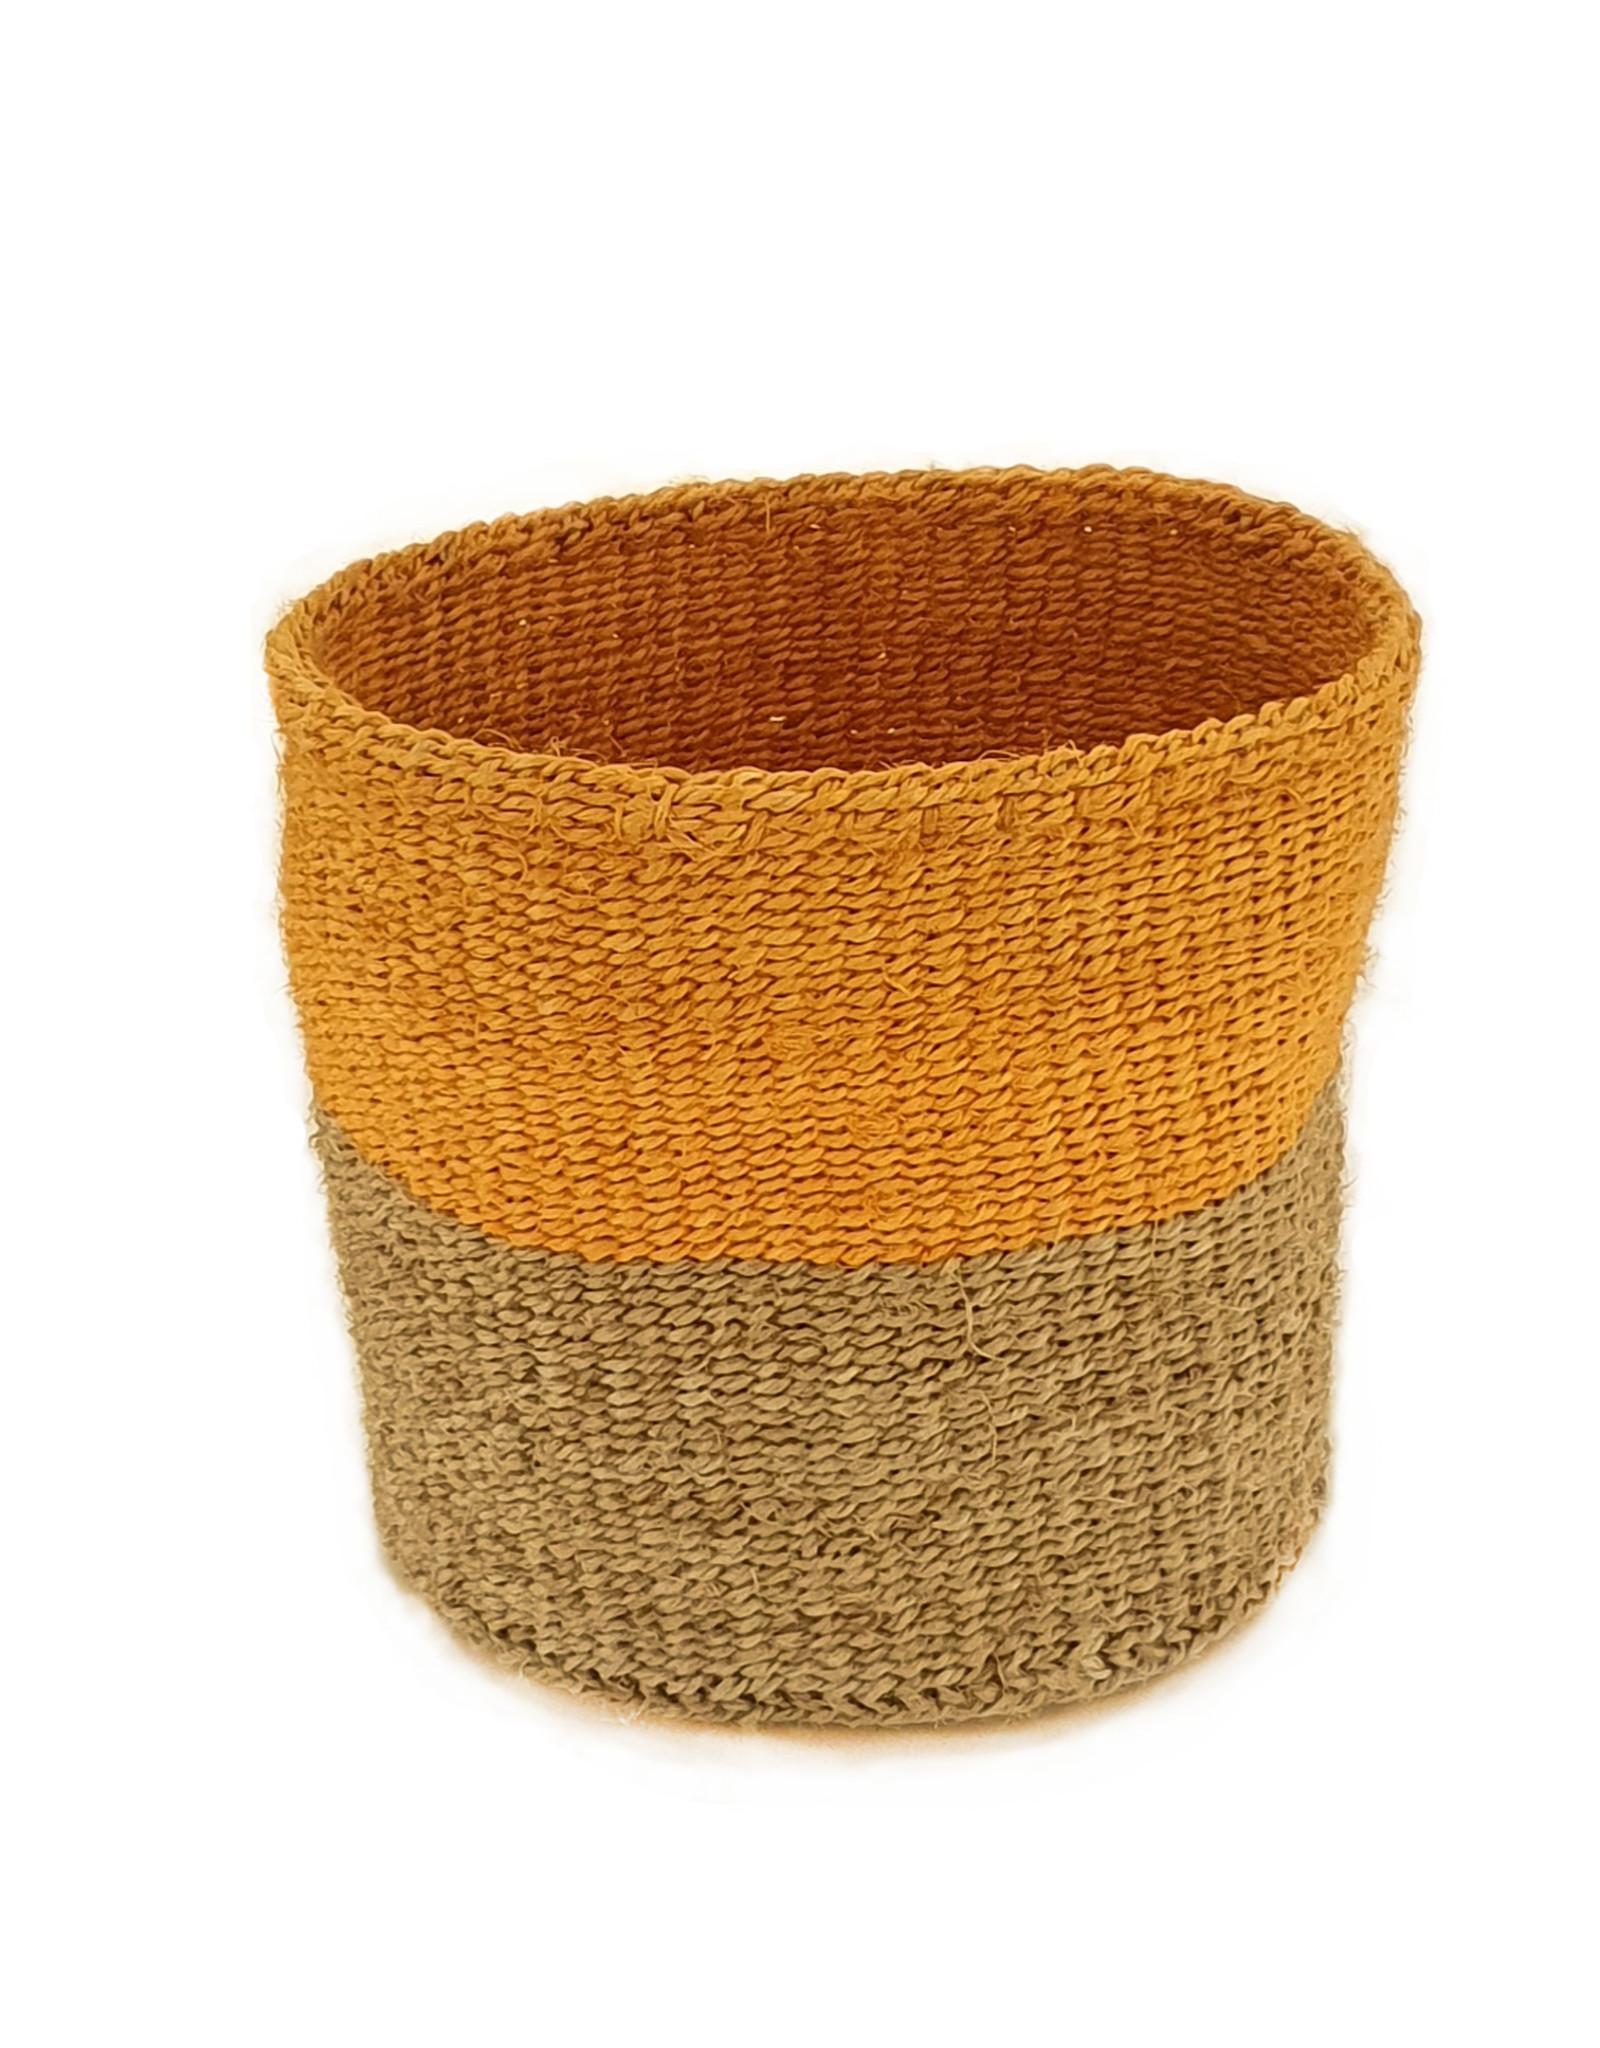 Maisha.Style Taita basket - reed & orange - M3